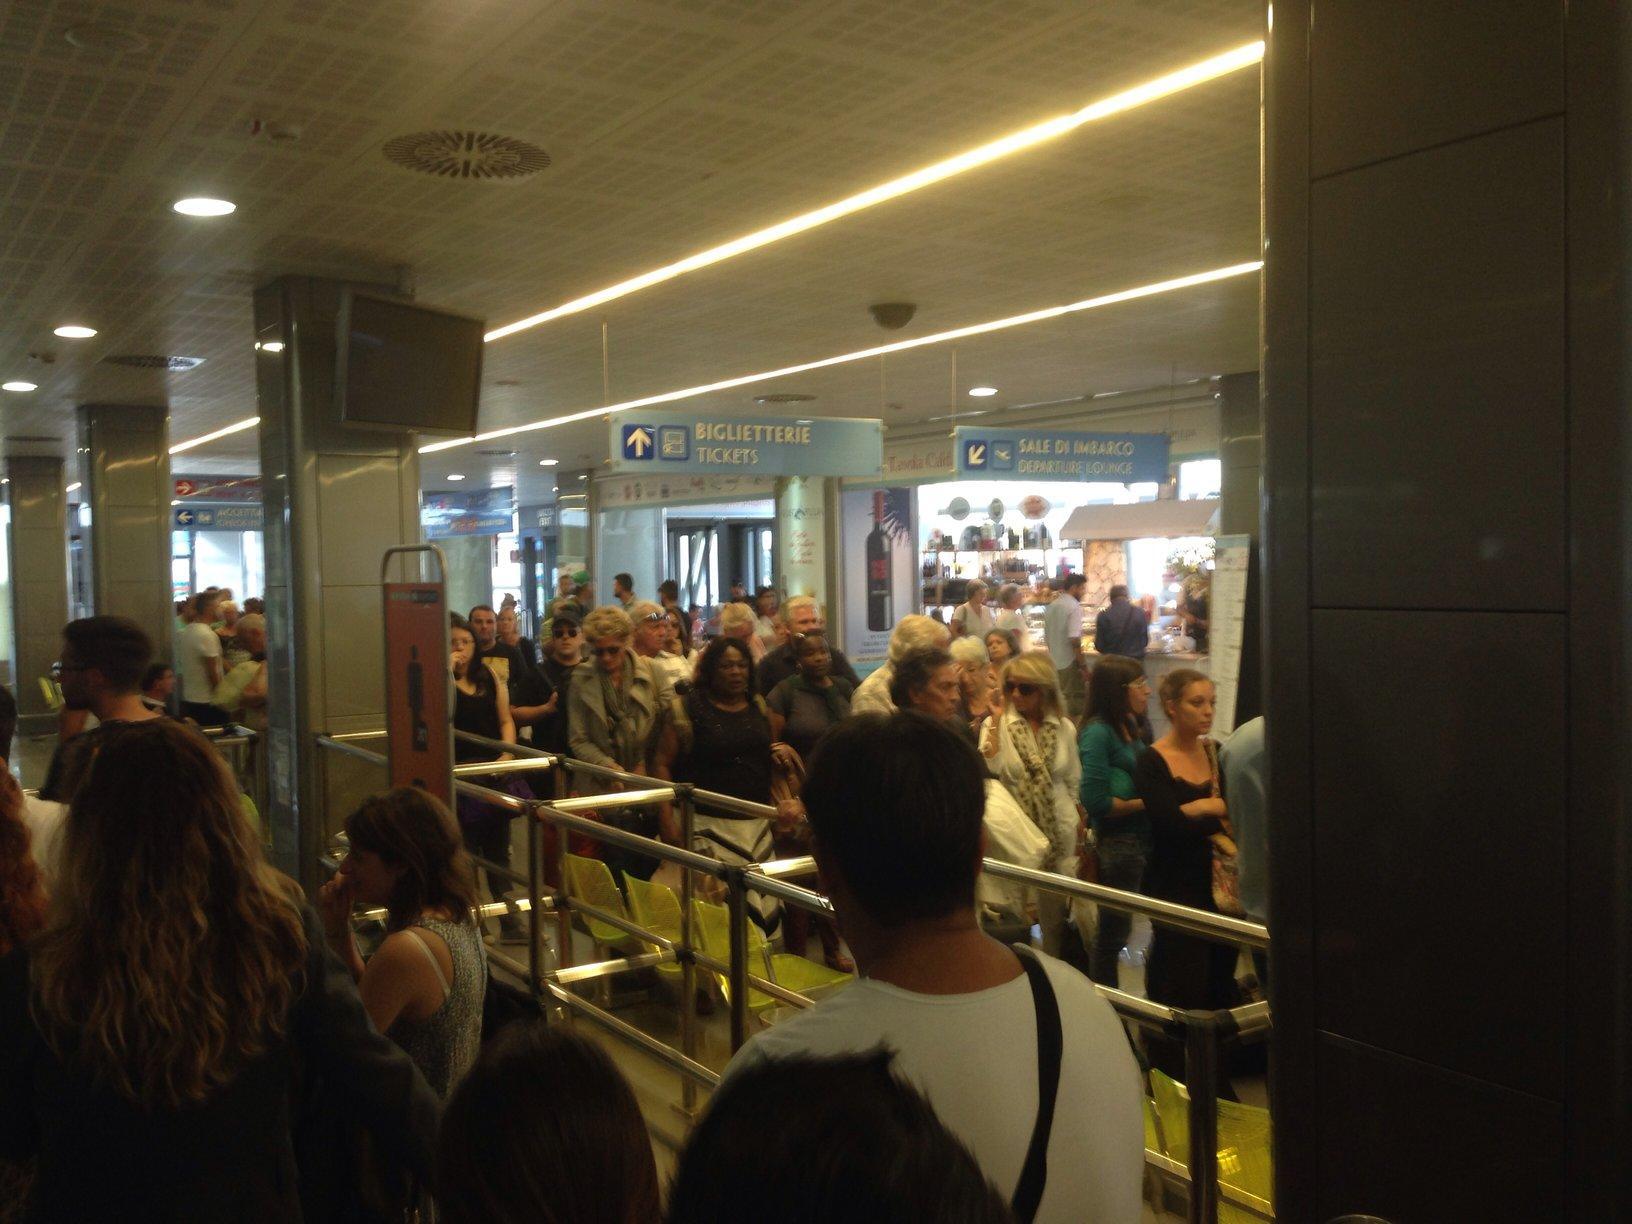 Aeroporto Brindisi : Brindisi disagi all aeroporto con momenti di tensione tra i